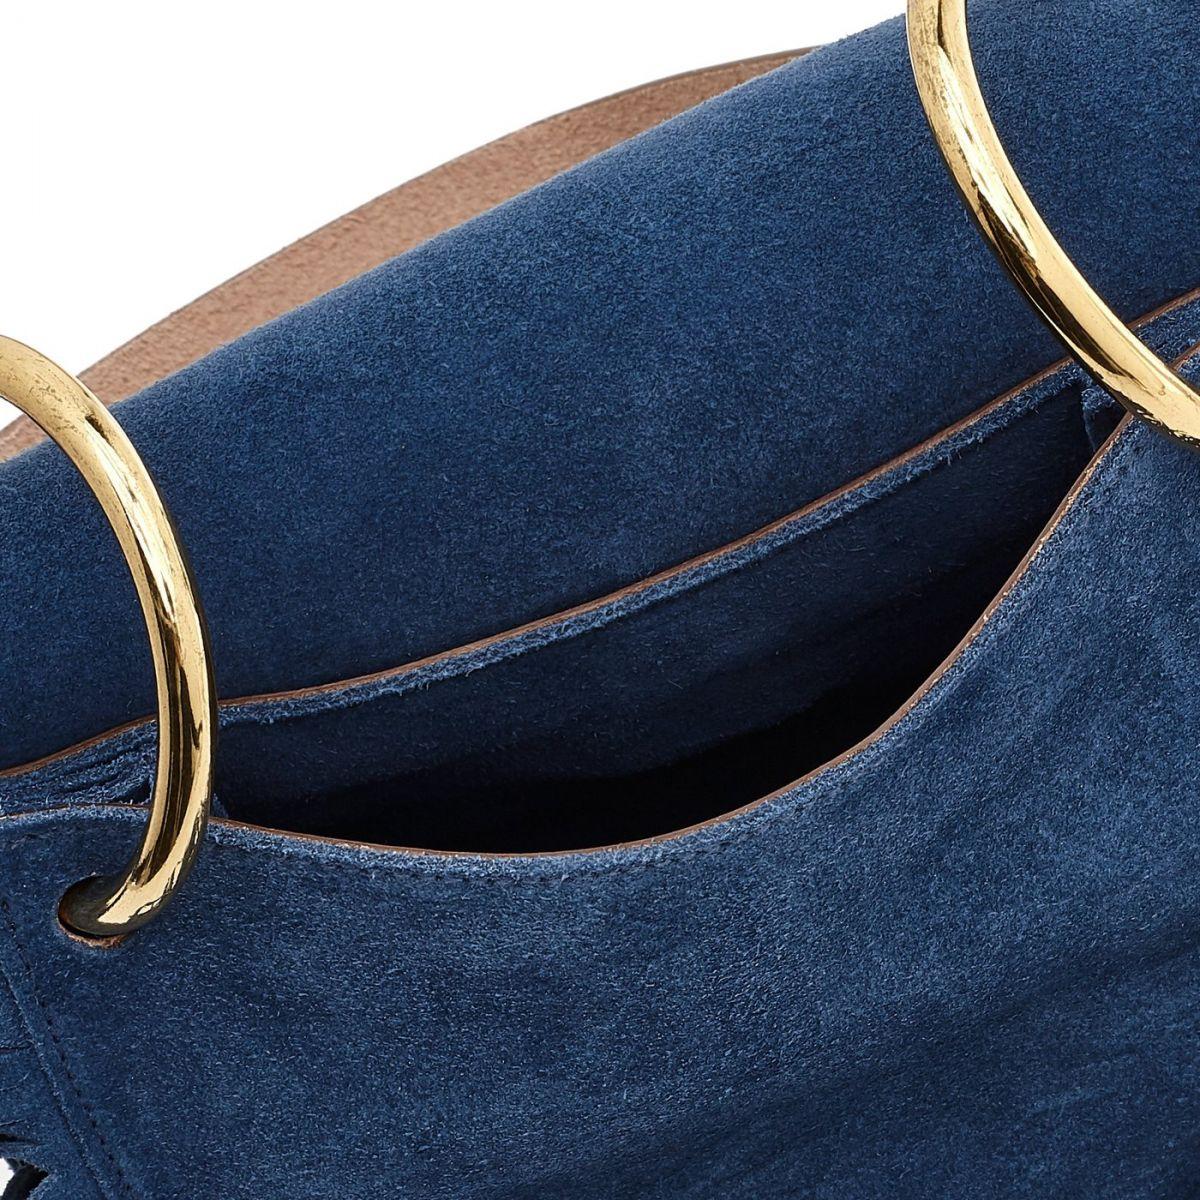 Women's Shoulder Bag  in Cowhide Leather BSH083 color Blueberry | Details